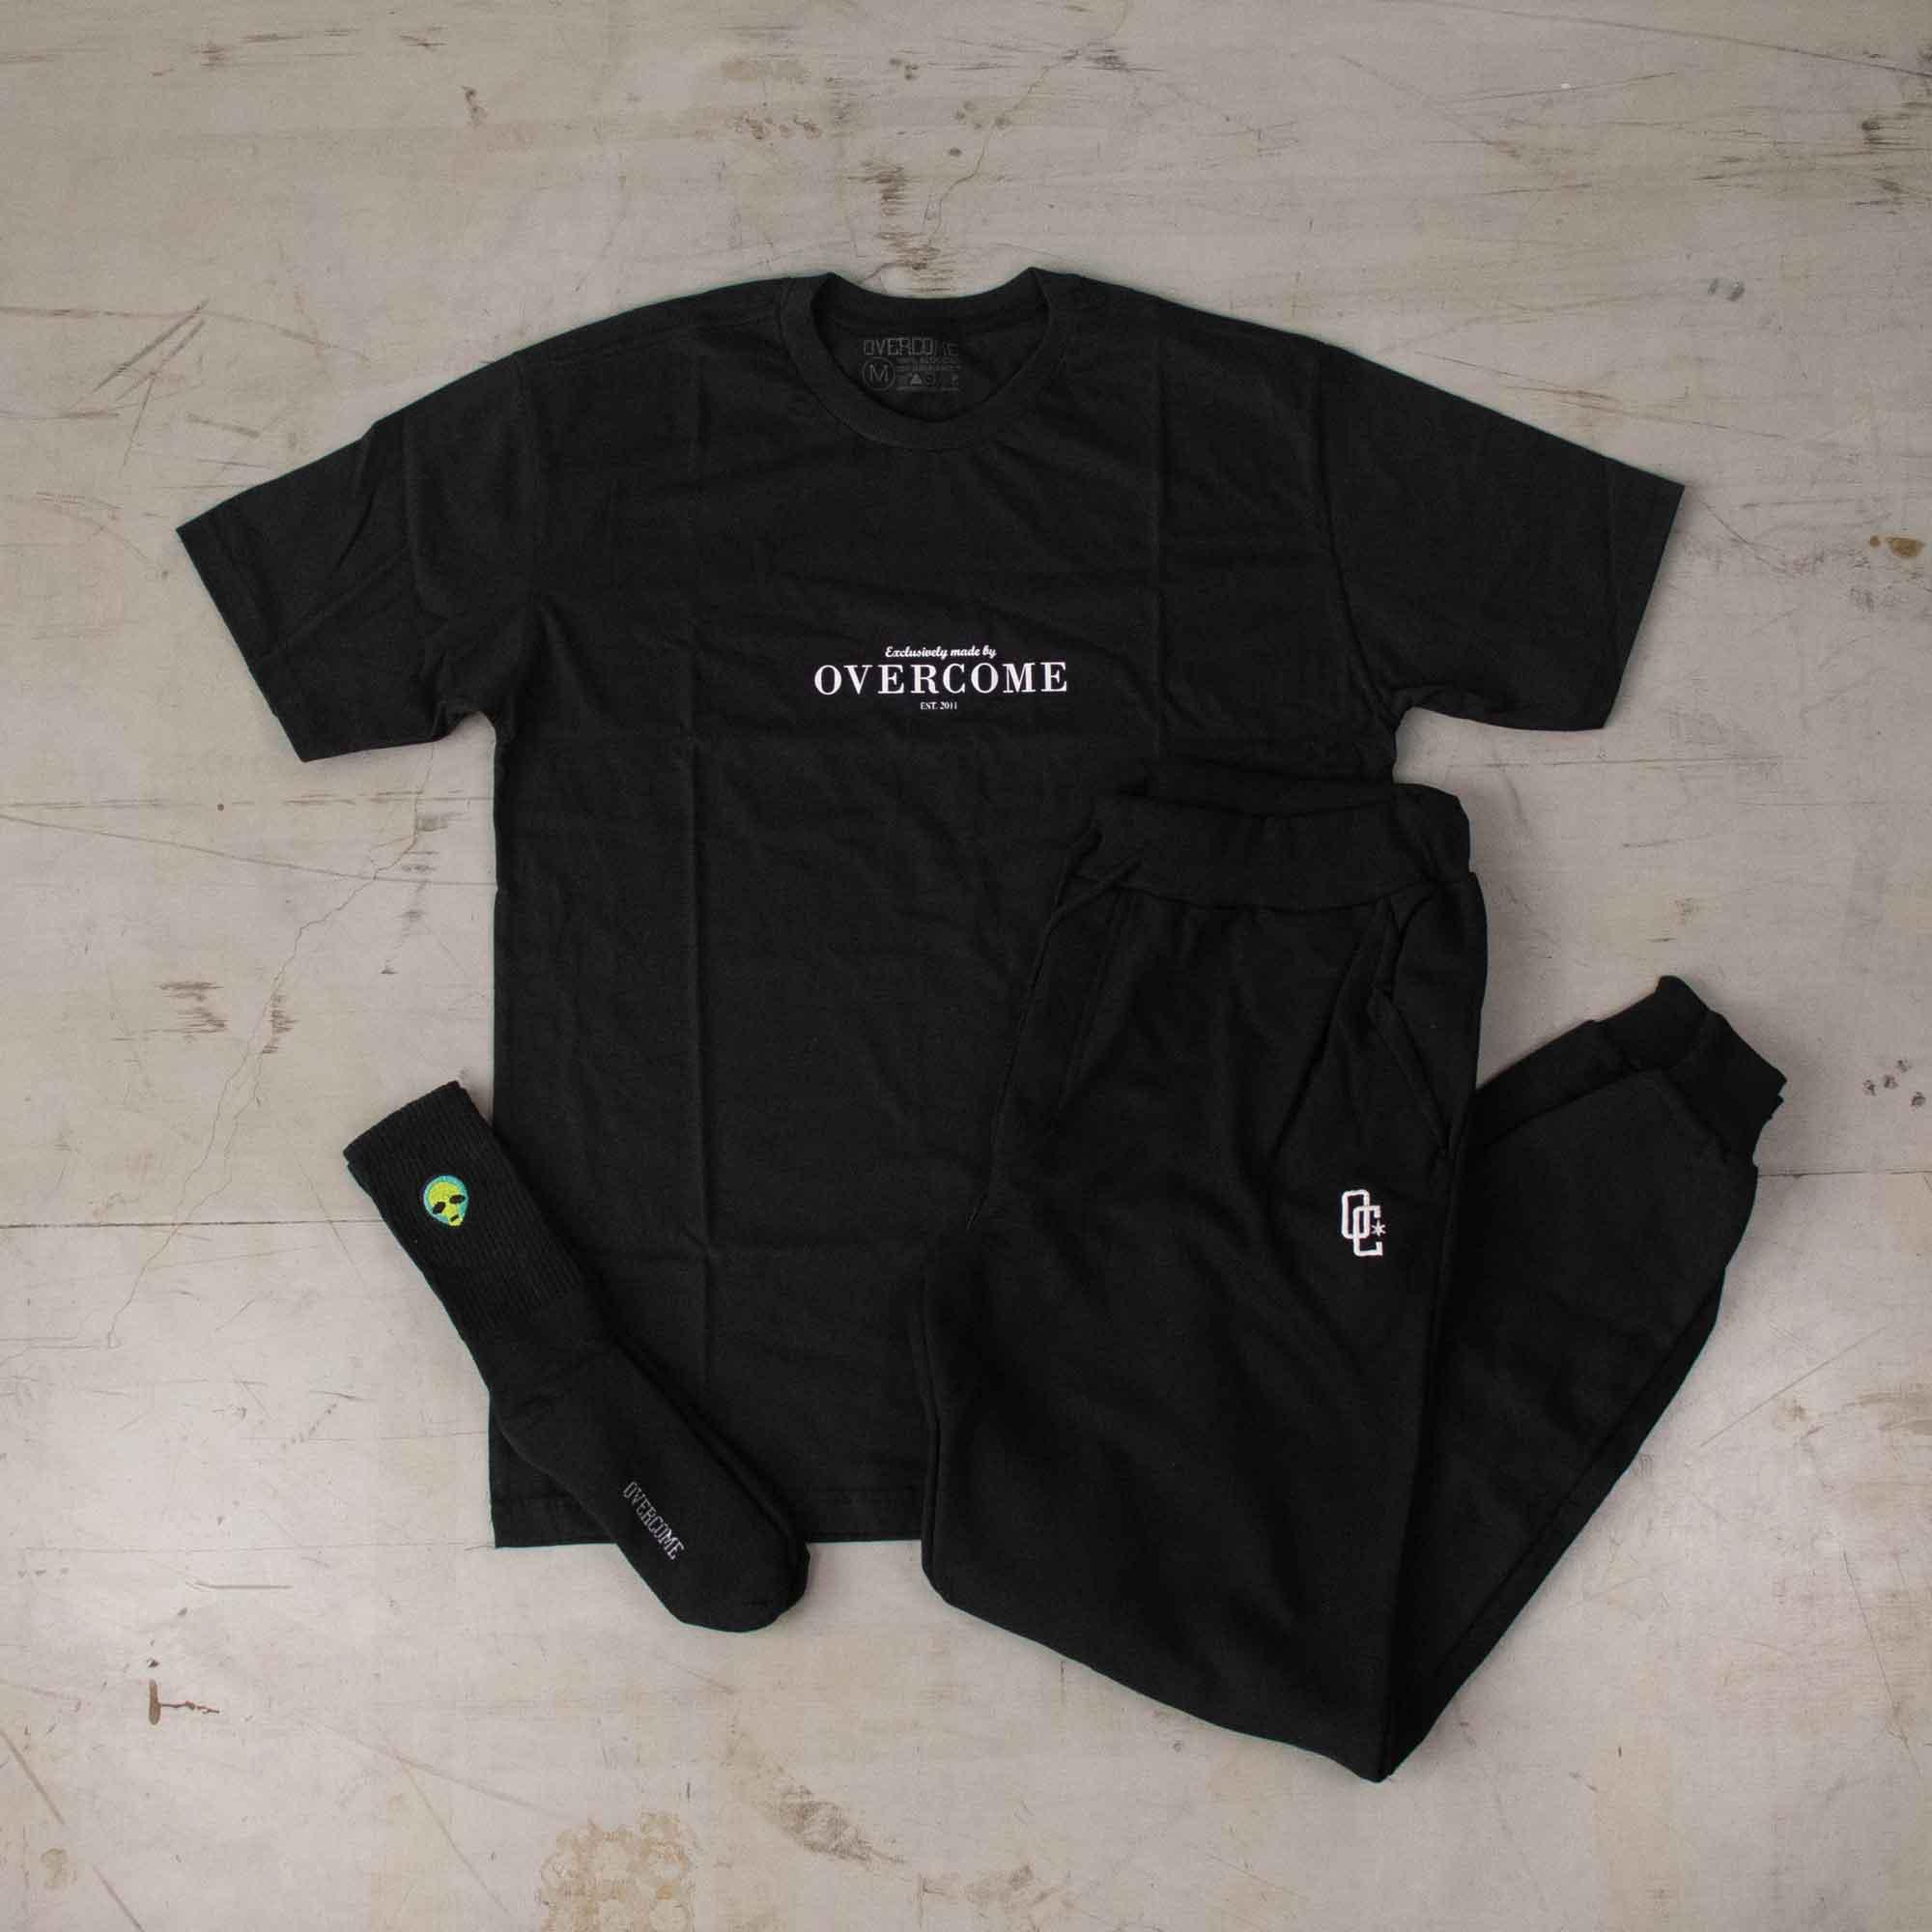 Kit Black Catch